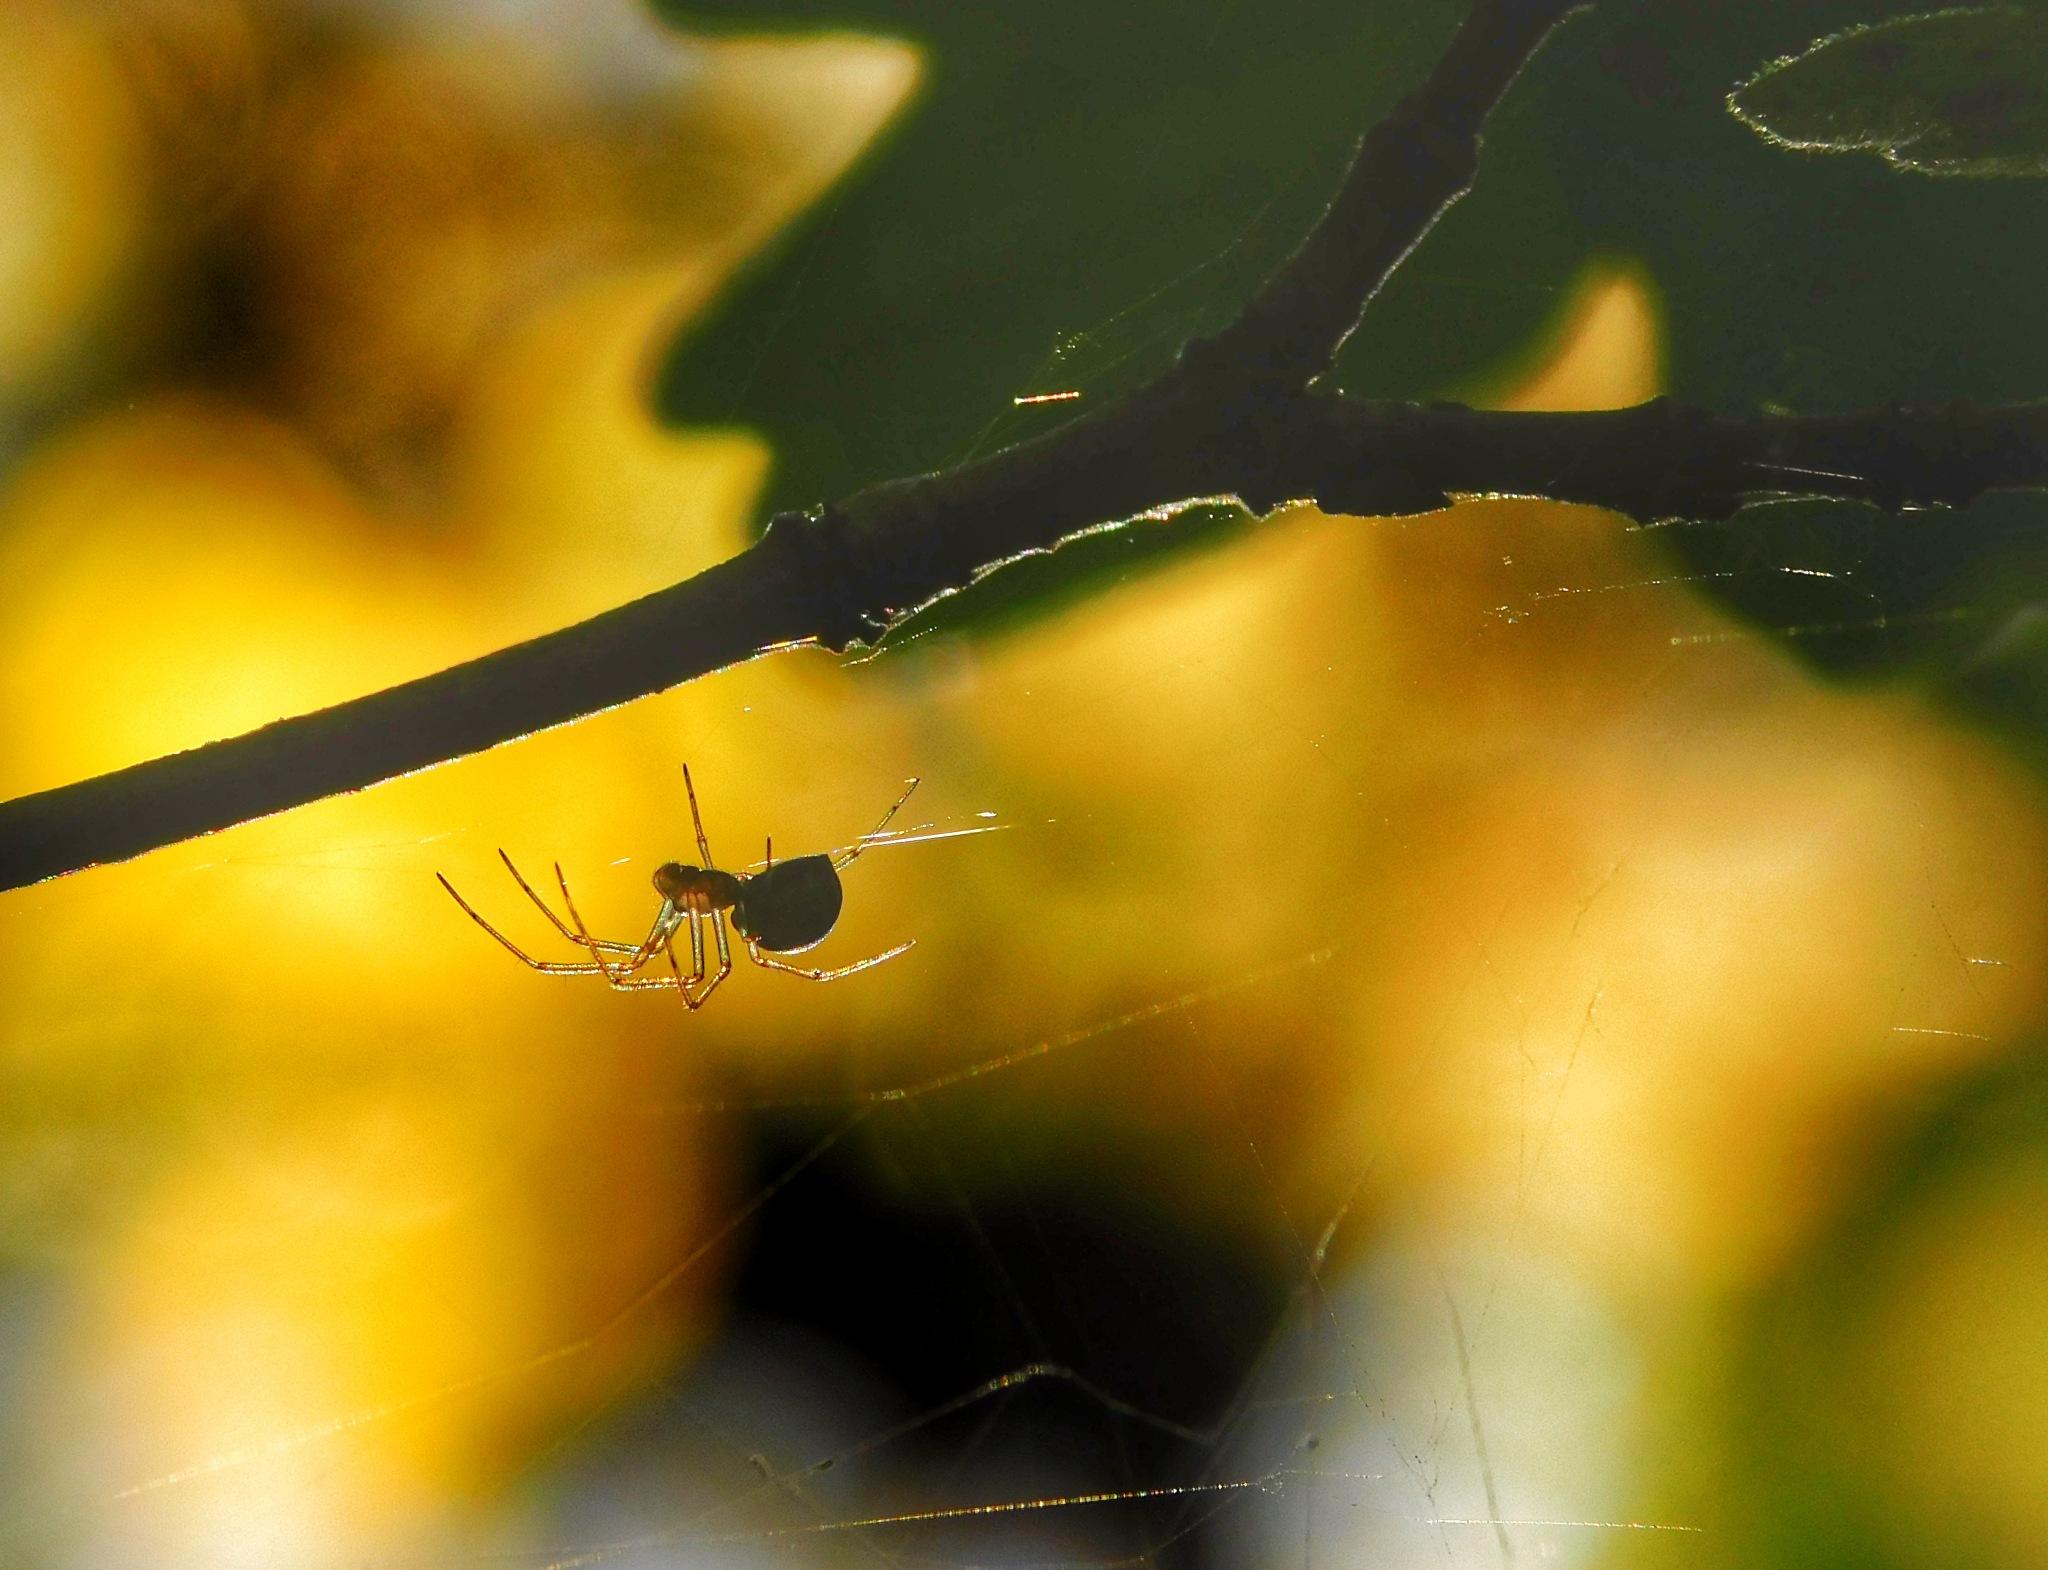 spider by Grzegorz Skwarliński